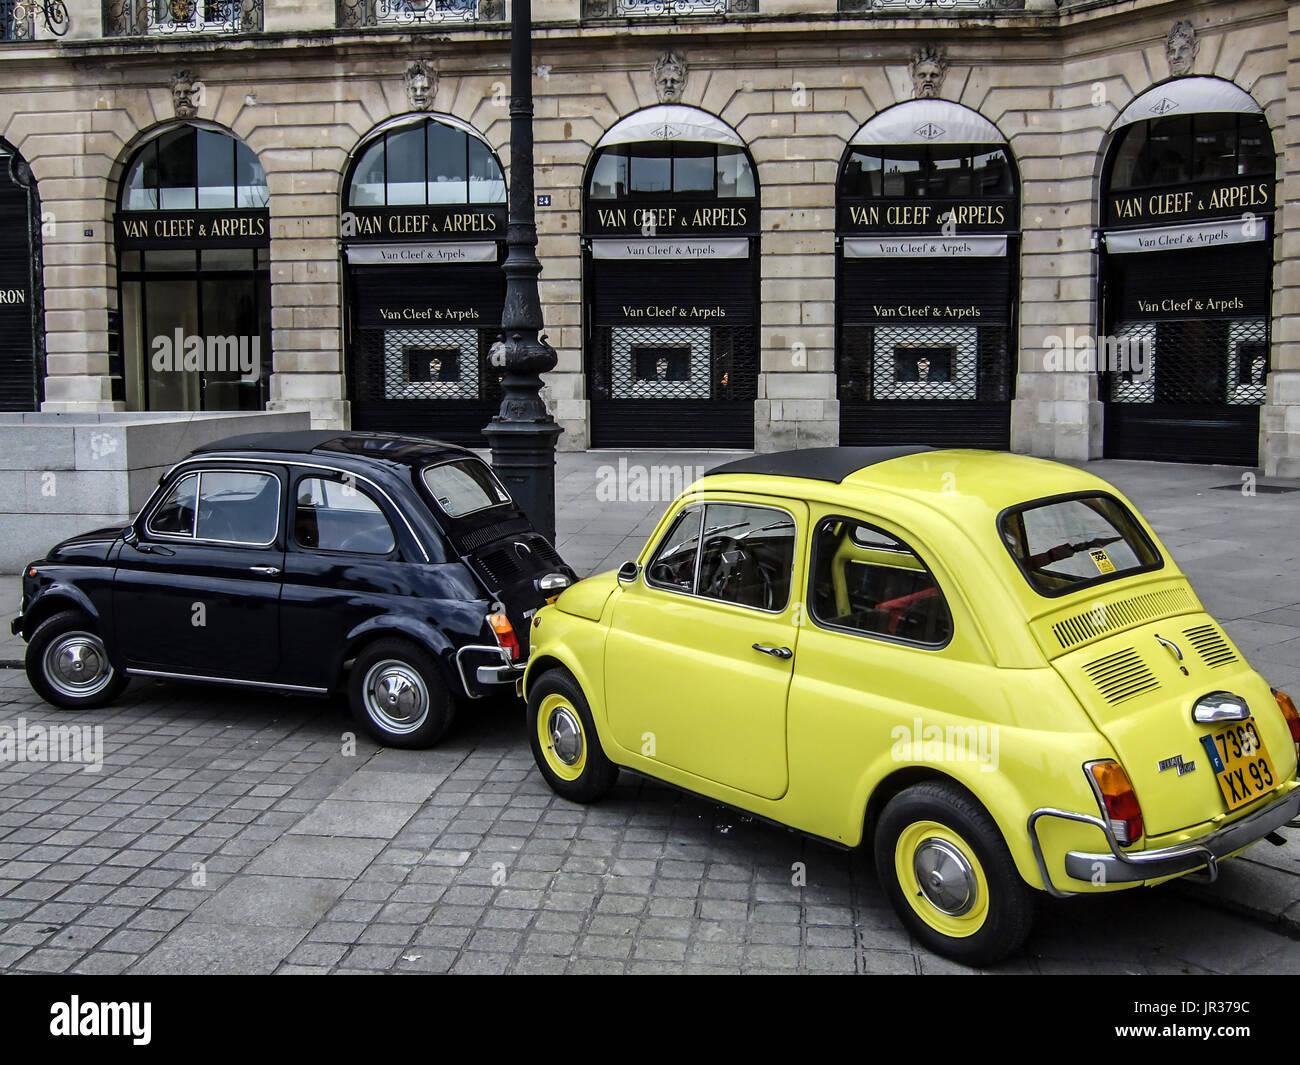 italian car in paris stock photos italian car in paris stock images alamy. Black Bedroom Furniture Sets. Home Design Ideas